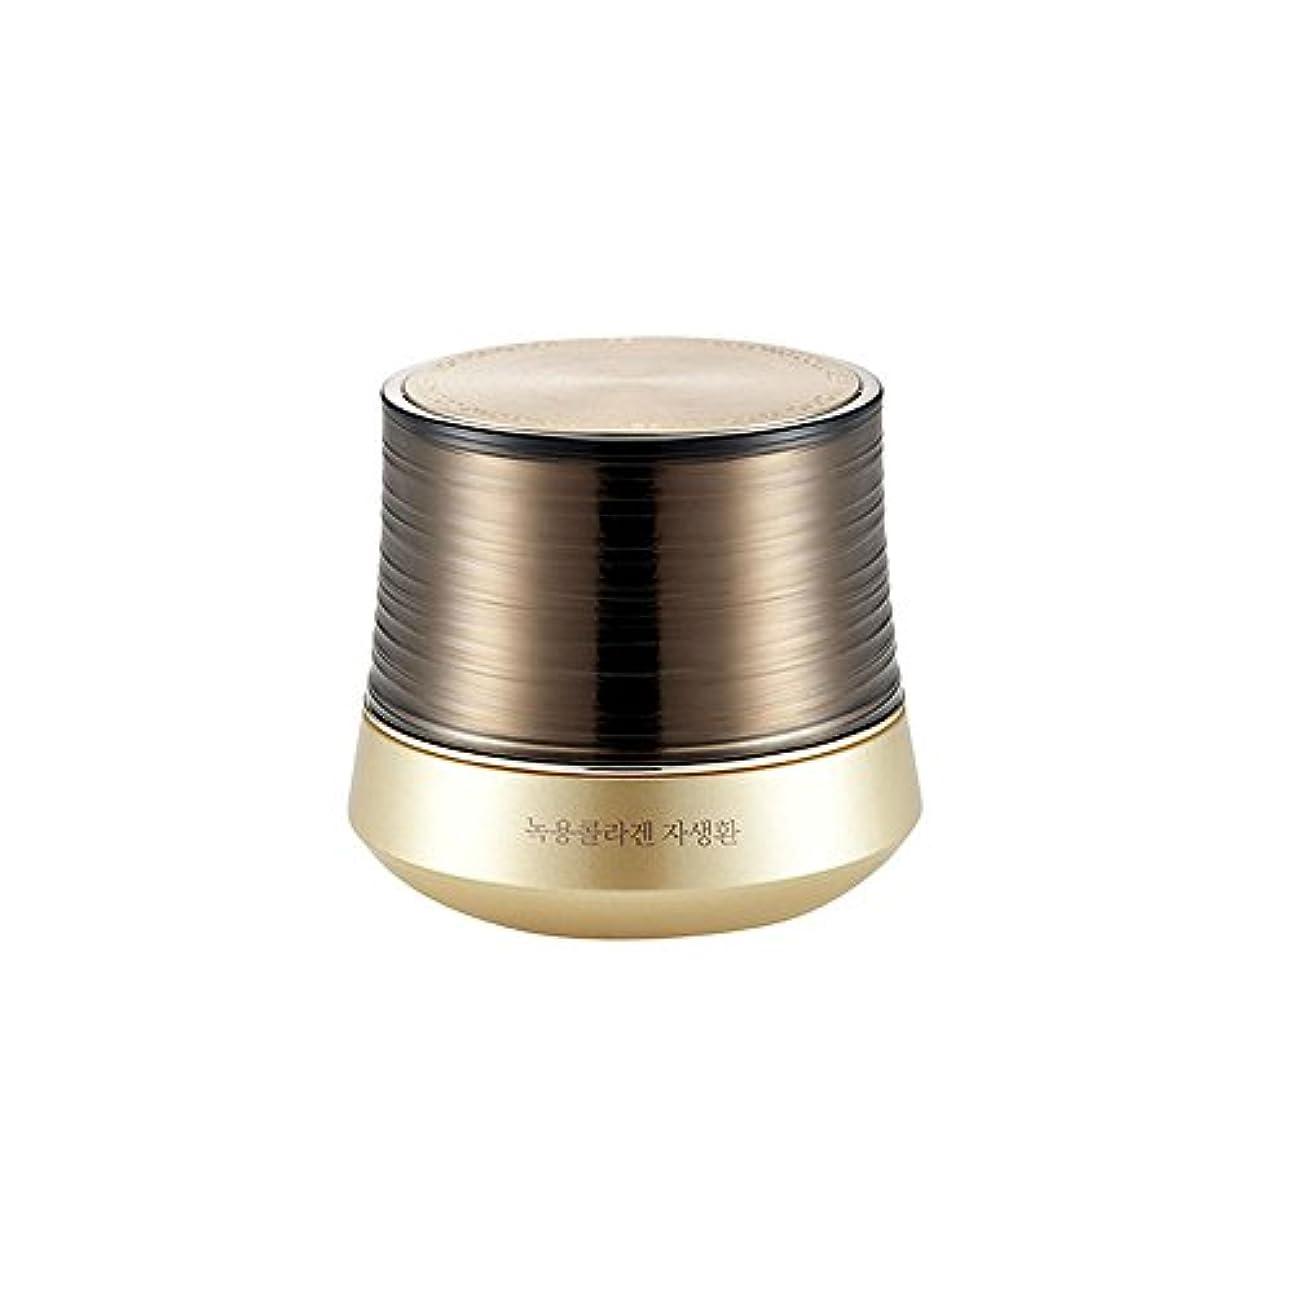 またはの中でゆり[ザ?フェイスショップ] The Faceshop 鹿茸コラーゲンコントゥールリフトゴールドカプセルクリーム50g The Faceshop Nokyong Collagen Contour Lift Gold Capsule...